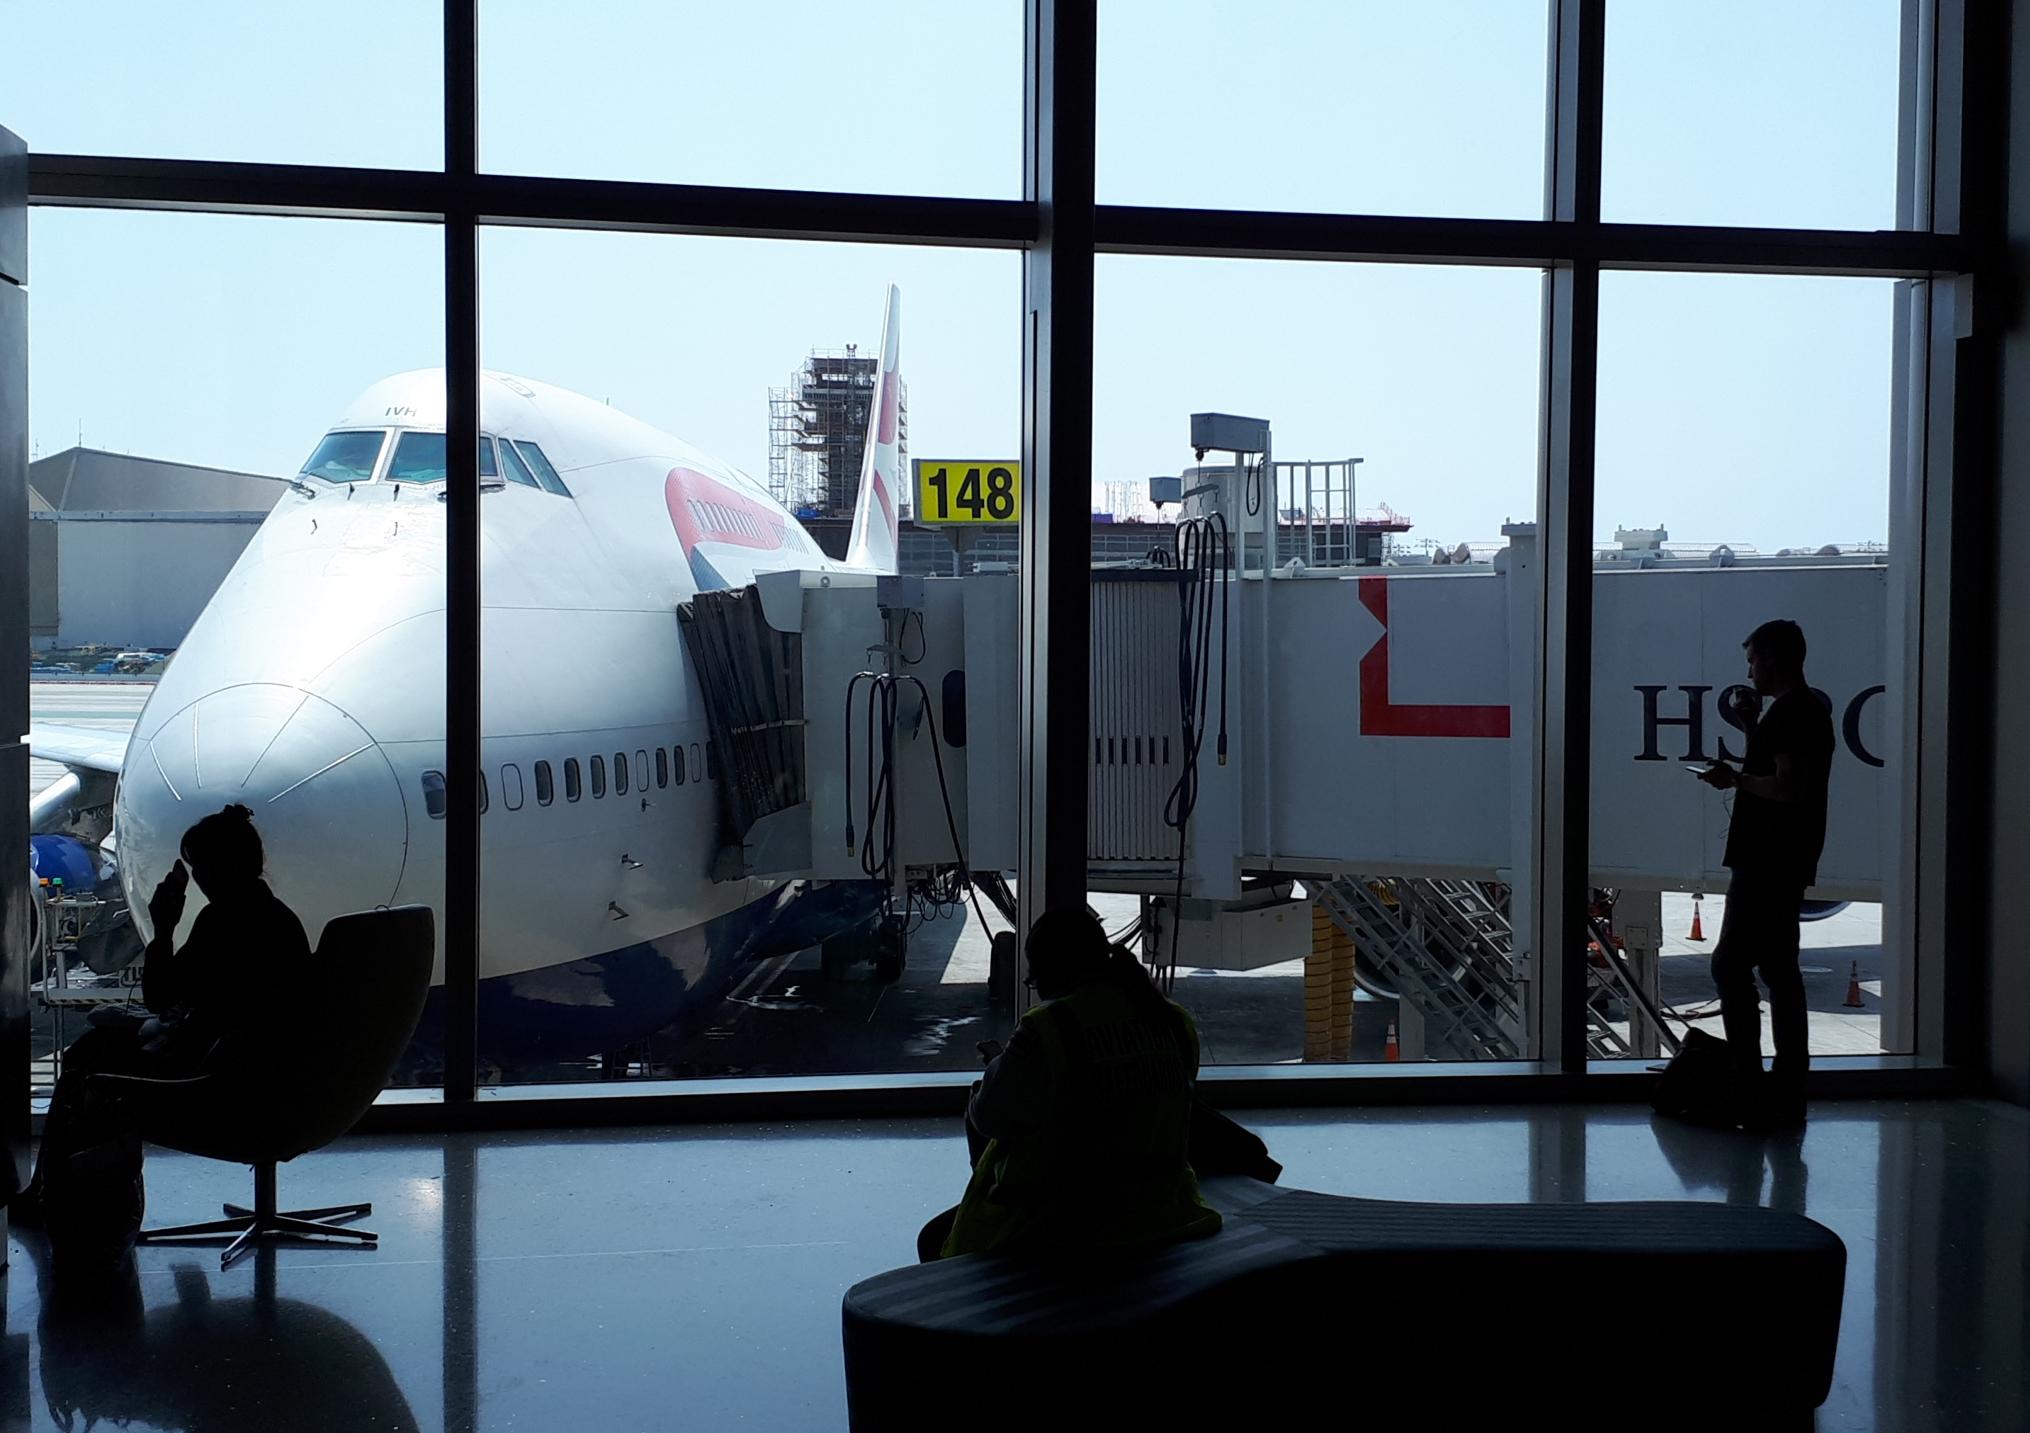 De amerikanske sundhedsmyndigheder er begyndt screening af passagerer, der ankommer fra Wuhan i Kina, til lufthavnene i Los Angeles, New York og San Francisco. Arkivfoto fra LAX-lufthavnen i Los Angeles: Henrik Baumgarten.